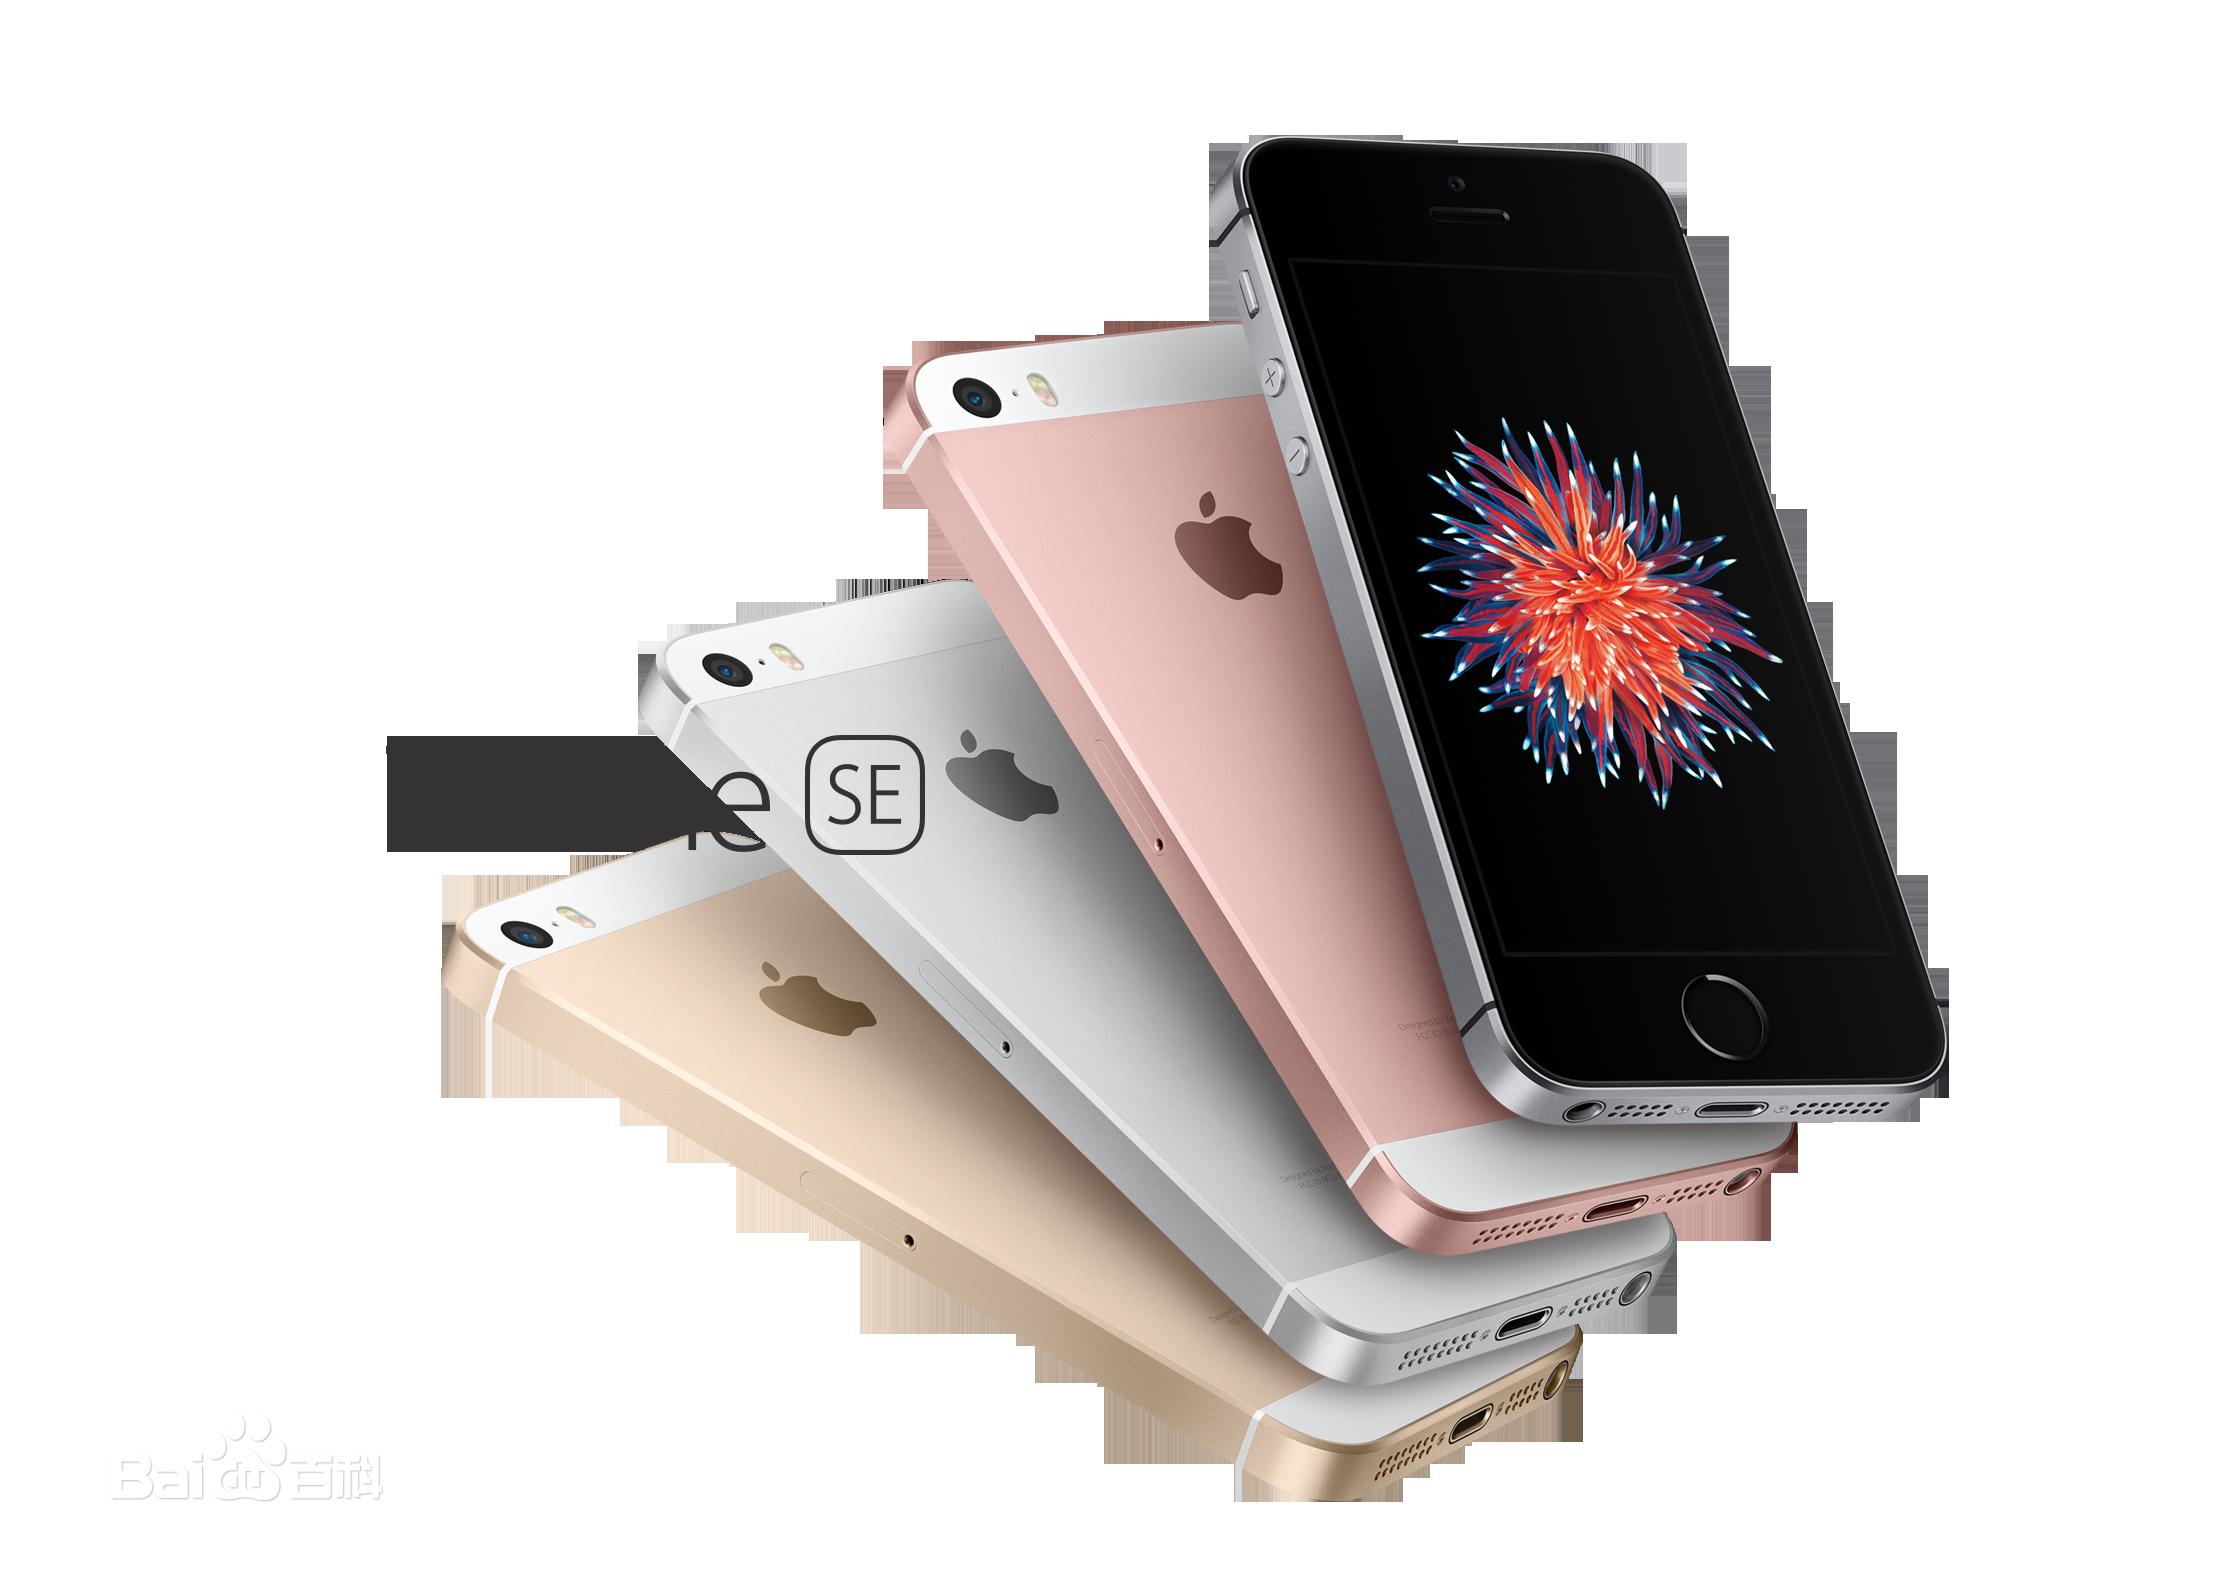 苹果iPhone SE中国预约量超340万台